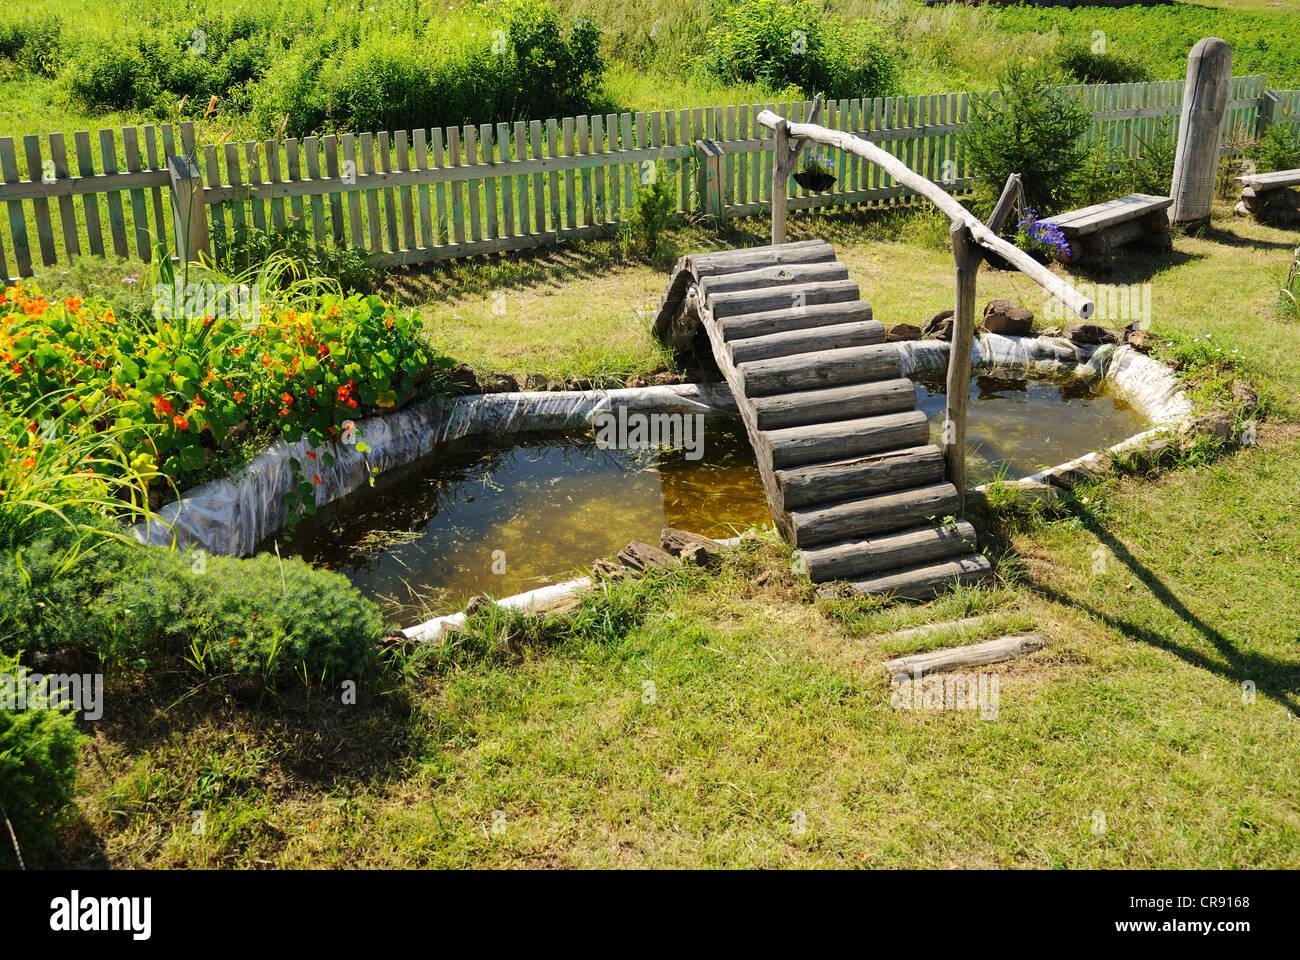 Small garden pond with wooden bridge in summer stock photo for Garden pond bridge